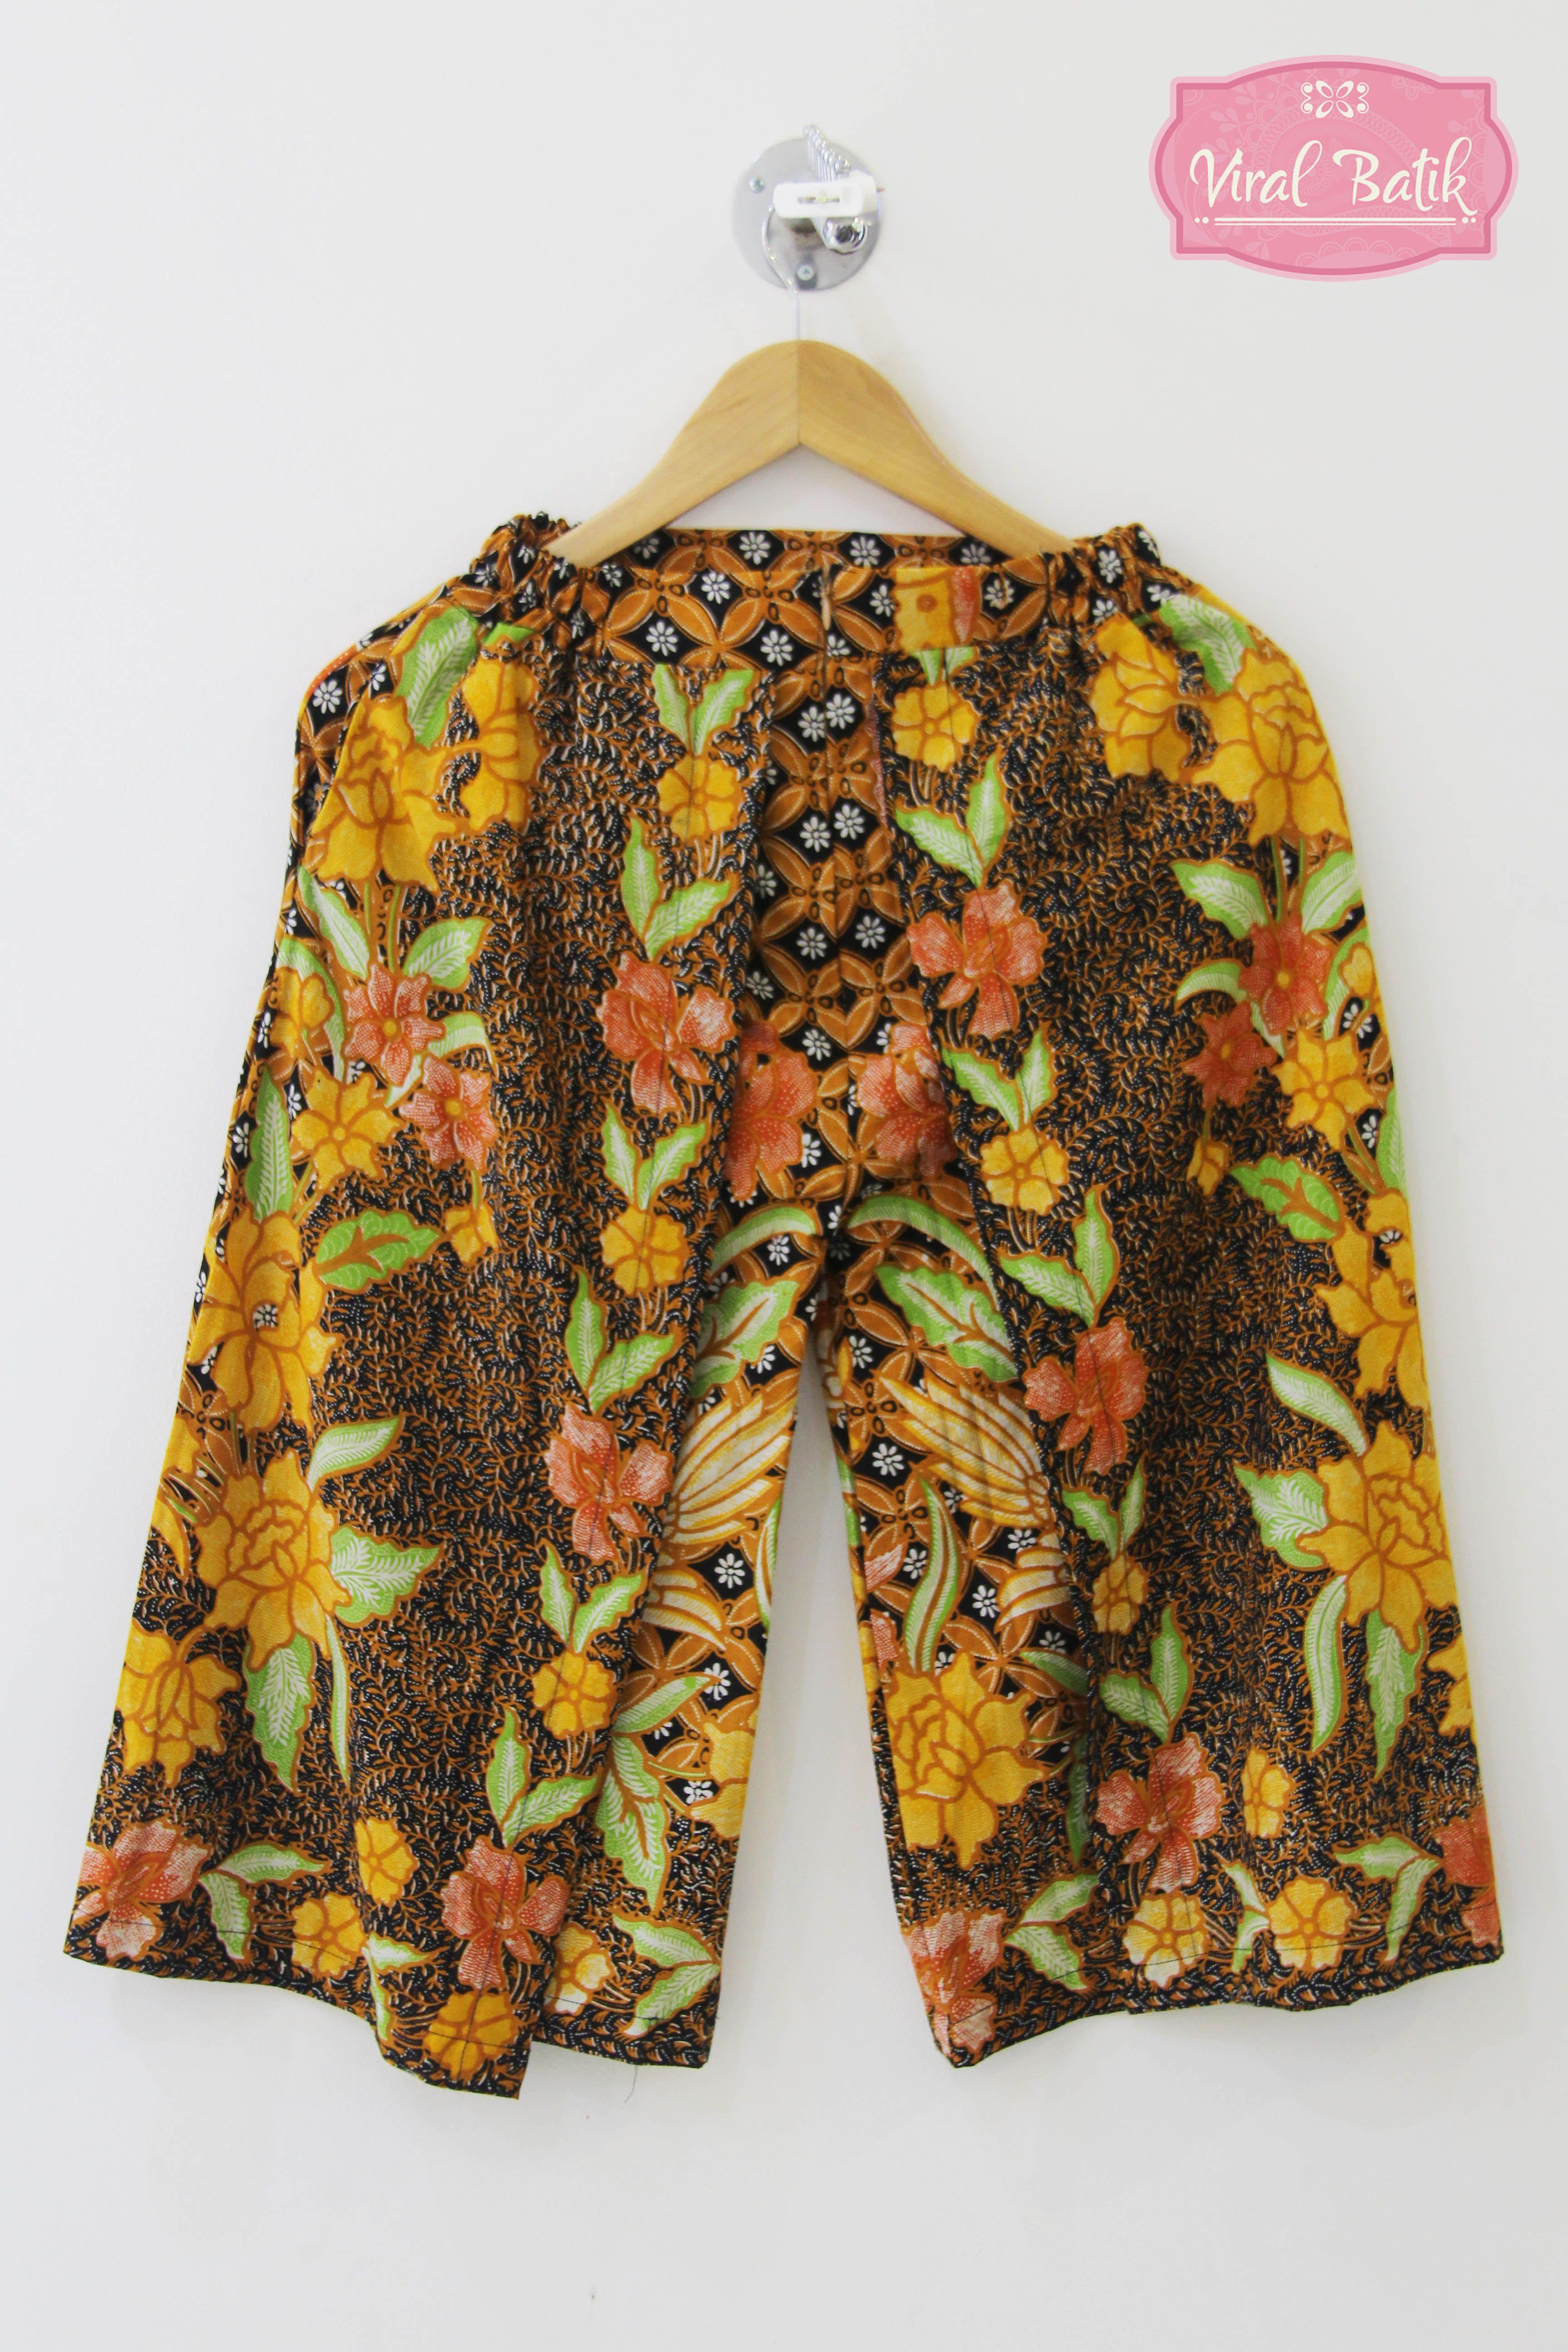 Jual Celana Batik Wanita Celana Pendek Wanita Celana Murah Viral Batik